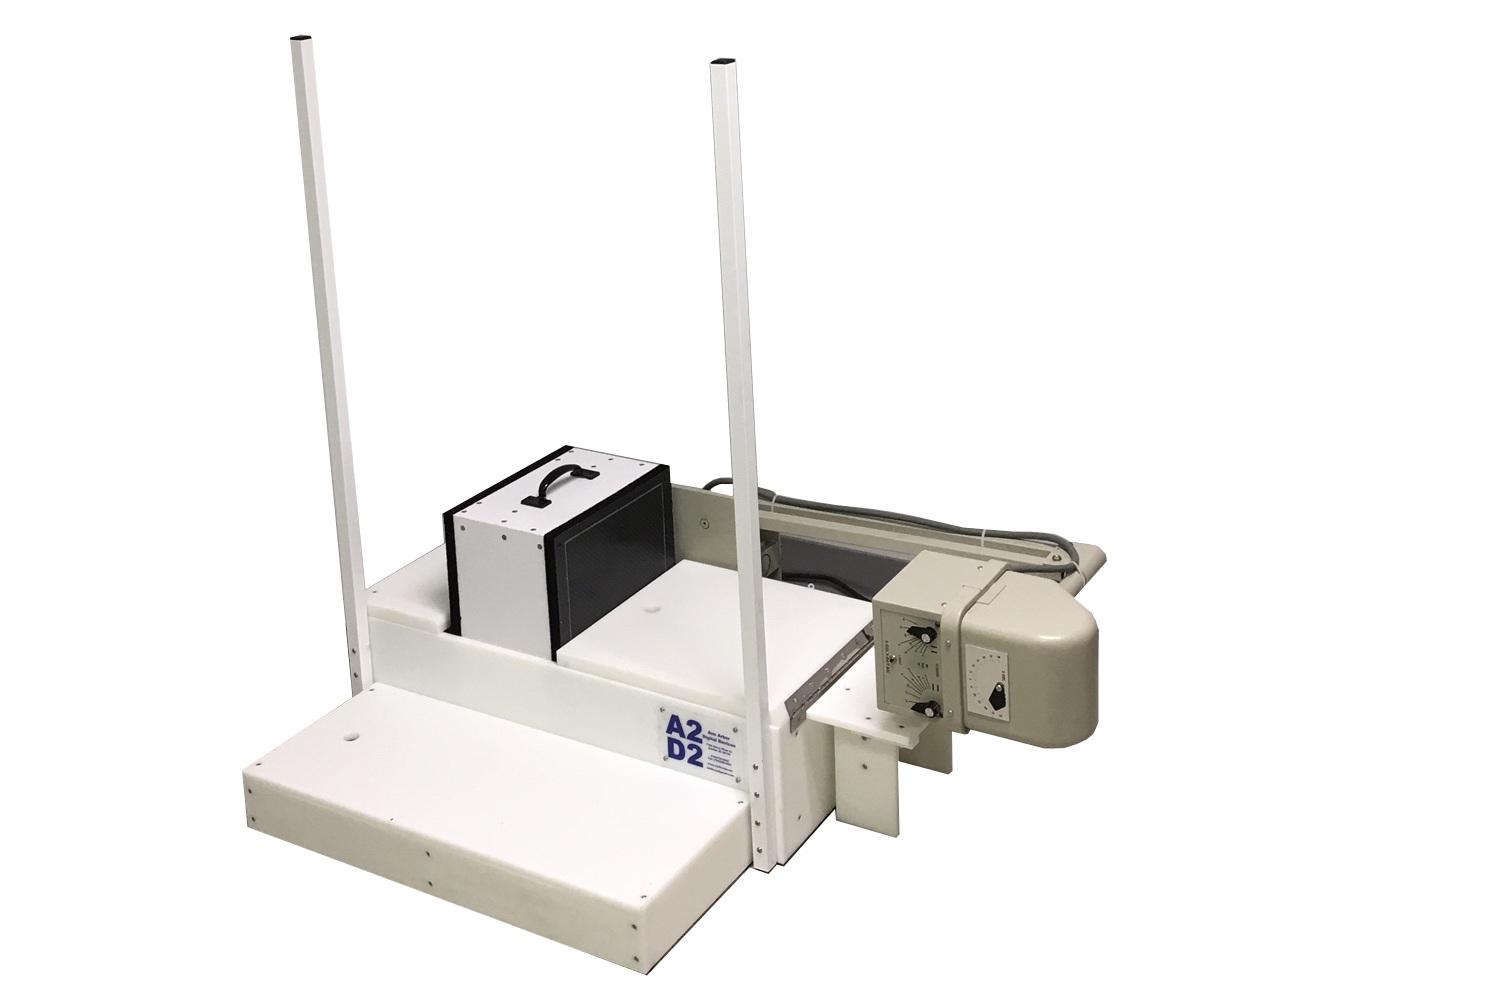 podiatry practice backup digital x-ray